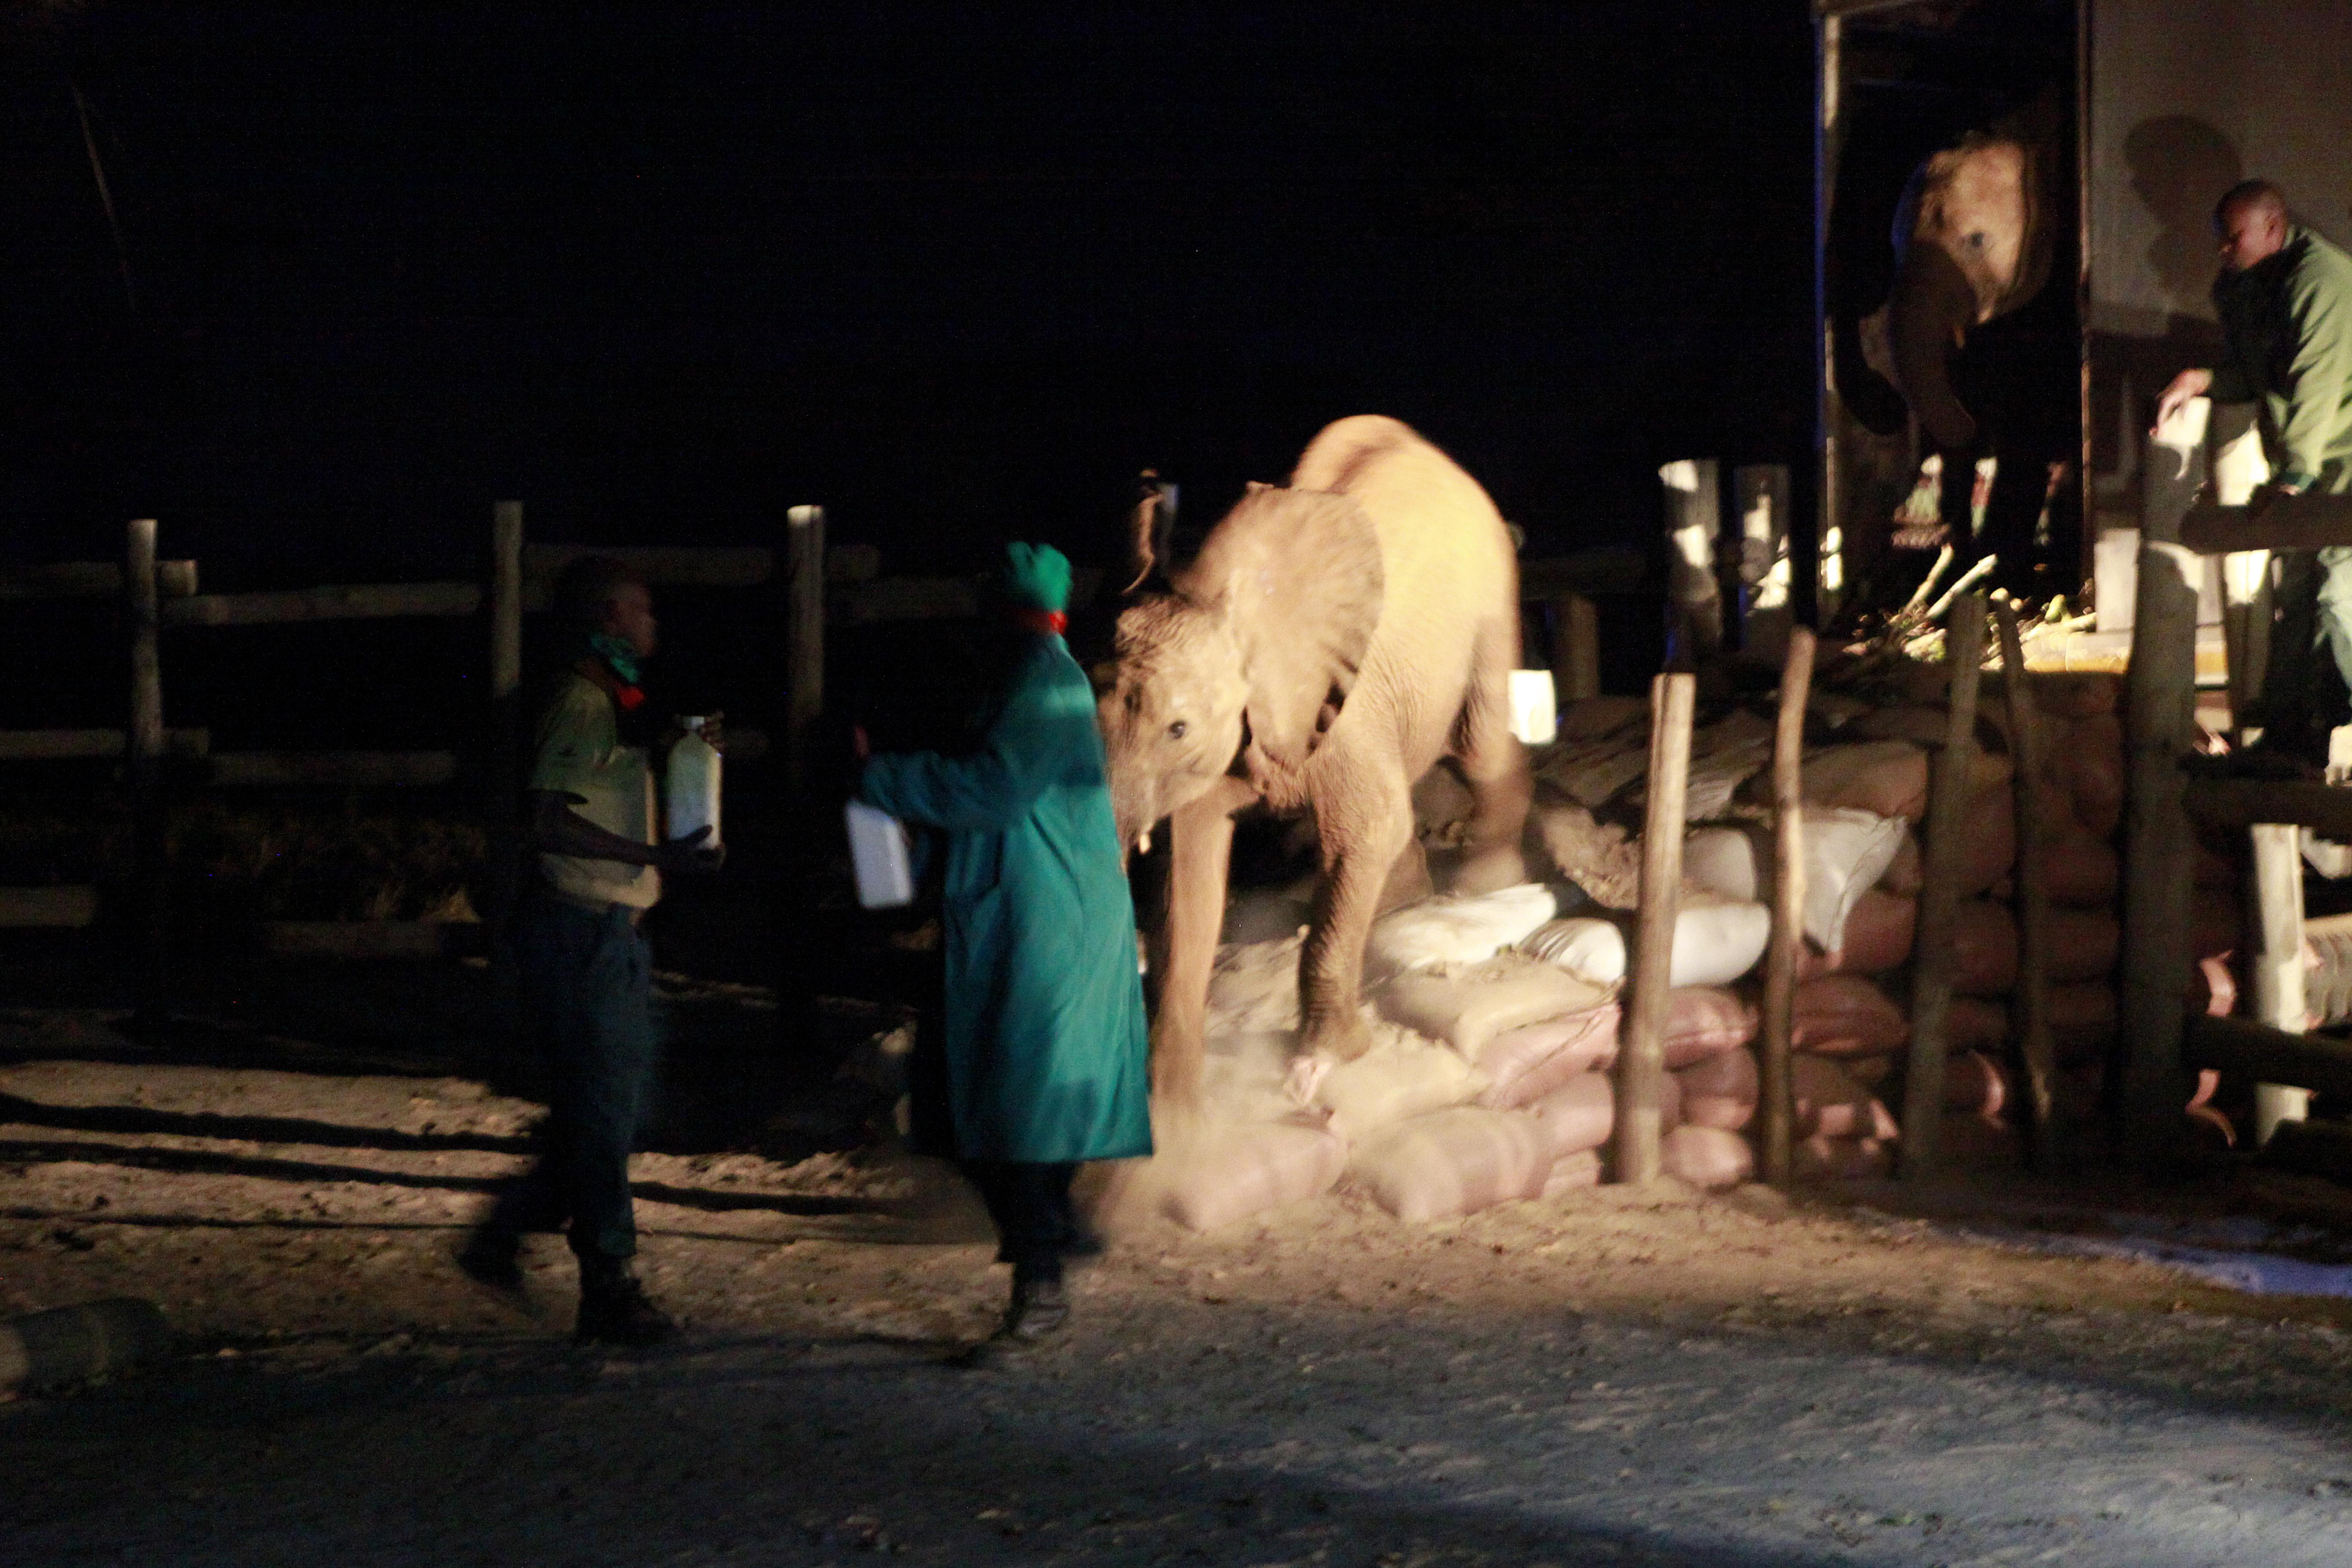 Olifantenwezen richting terugkeer naar de vrije natuur